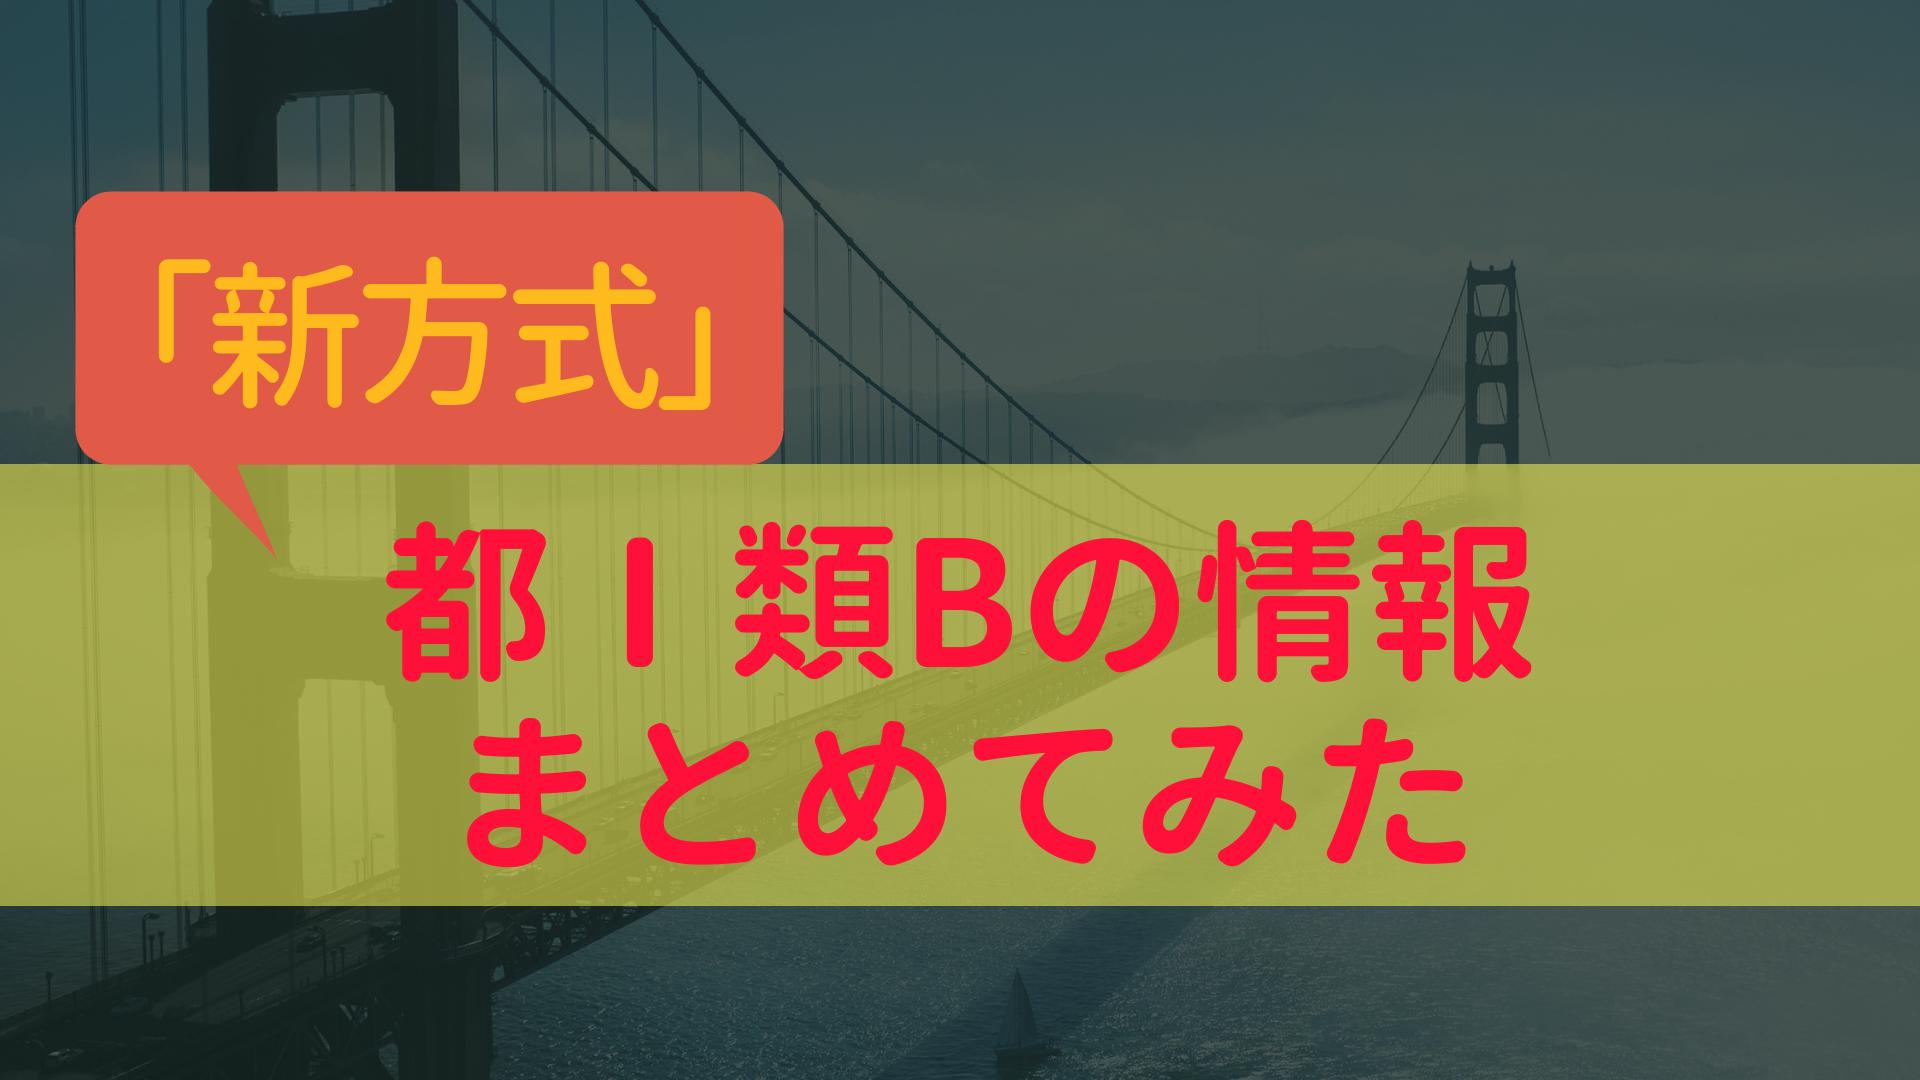 東京都庁1類B新方式の採用情報や難易度・倍率について